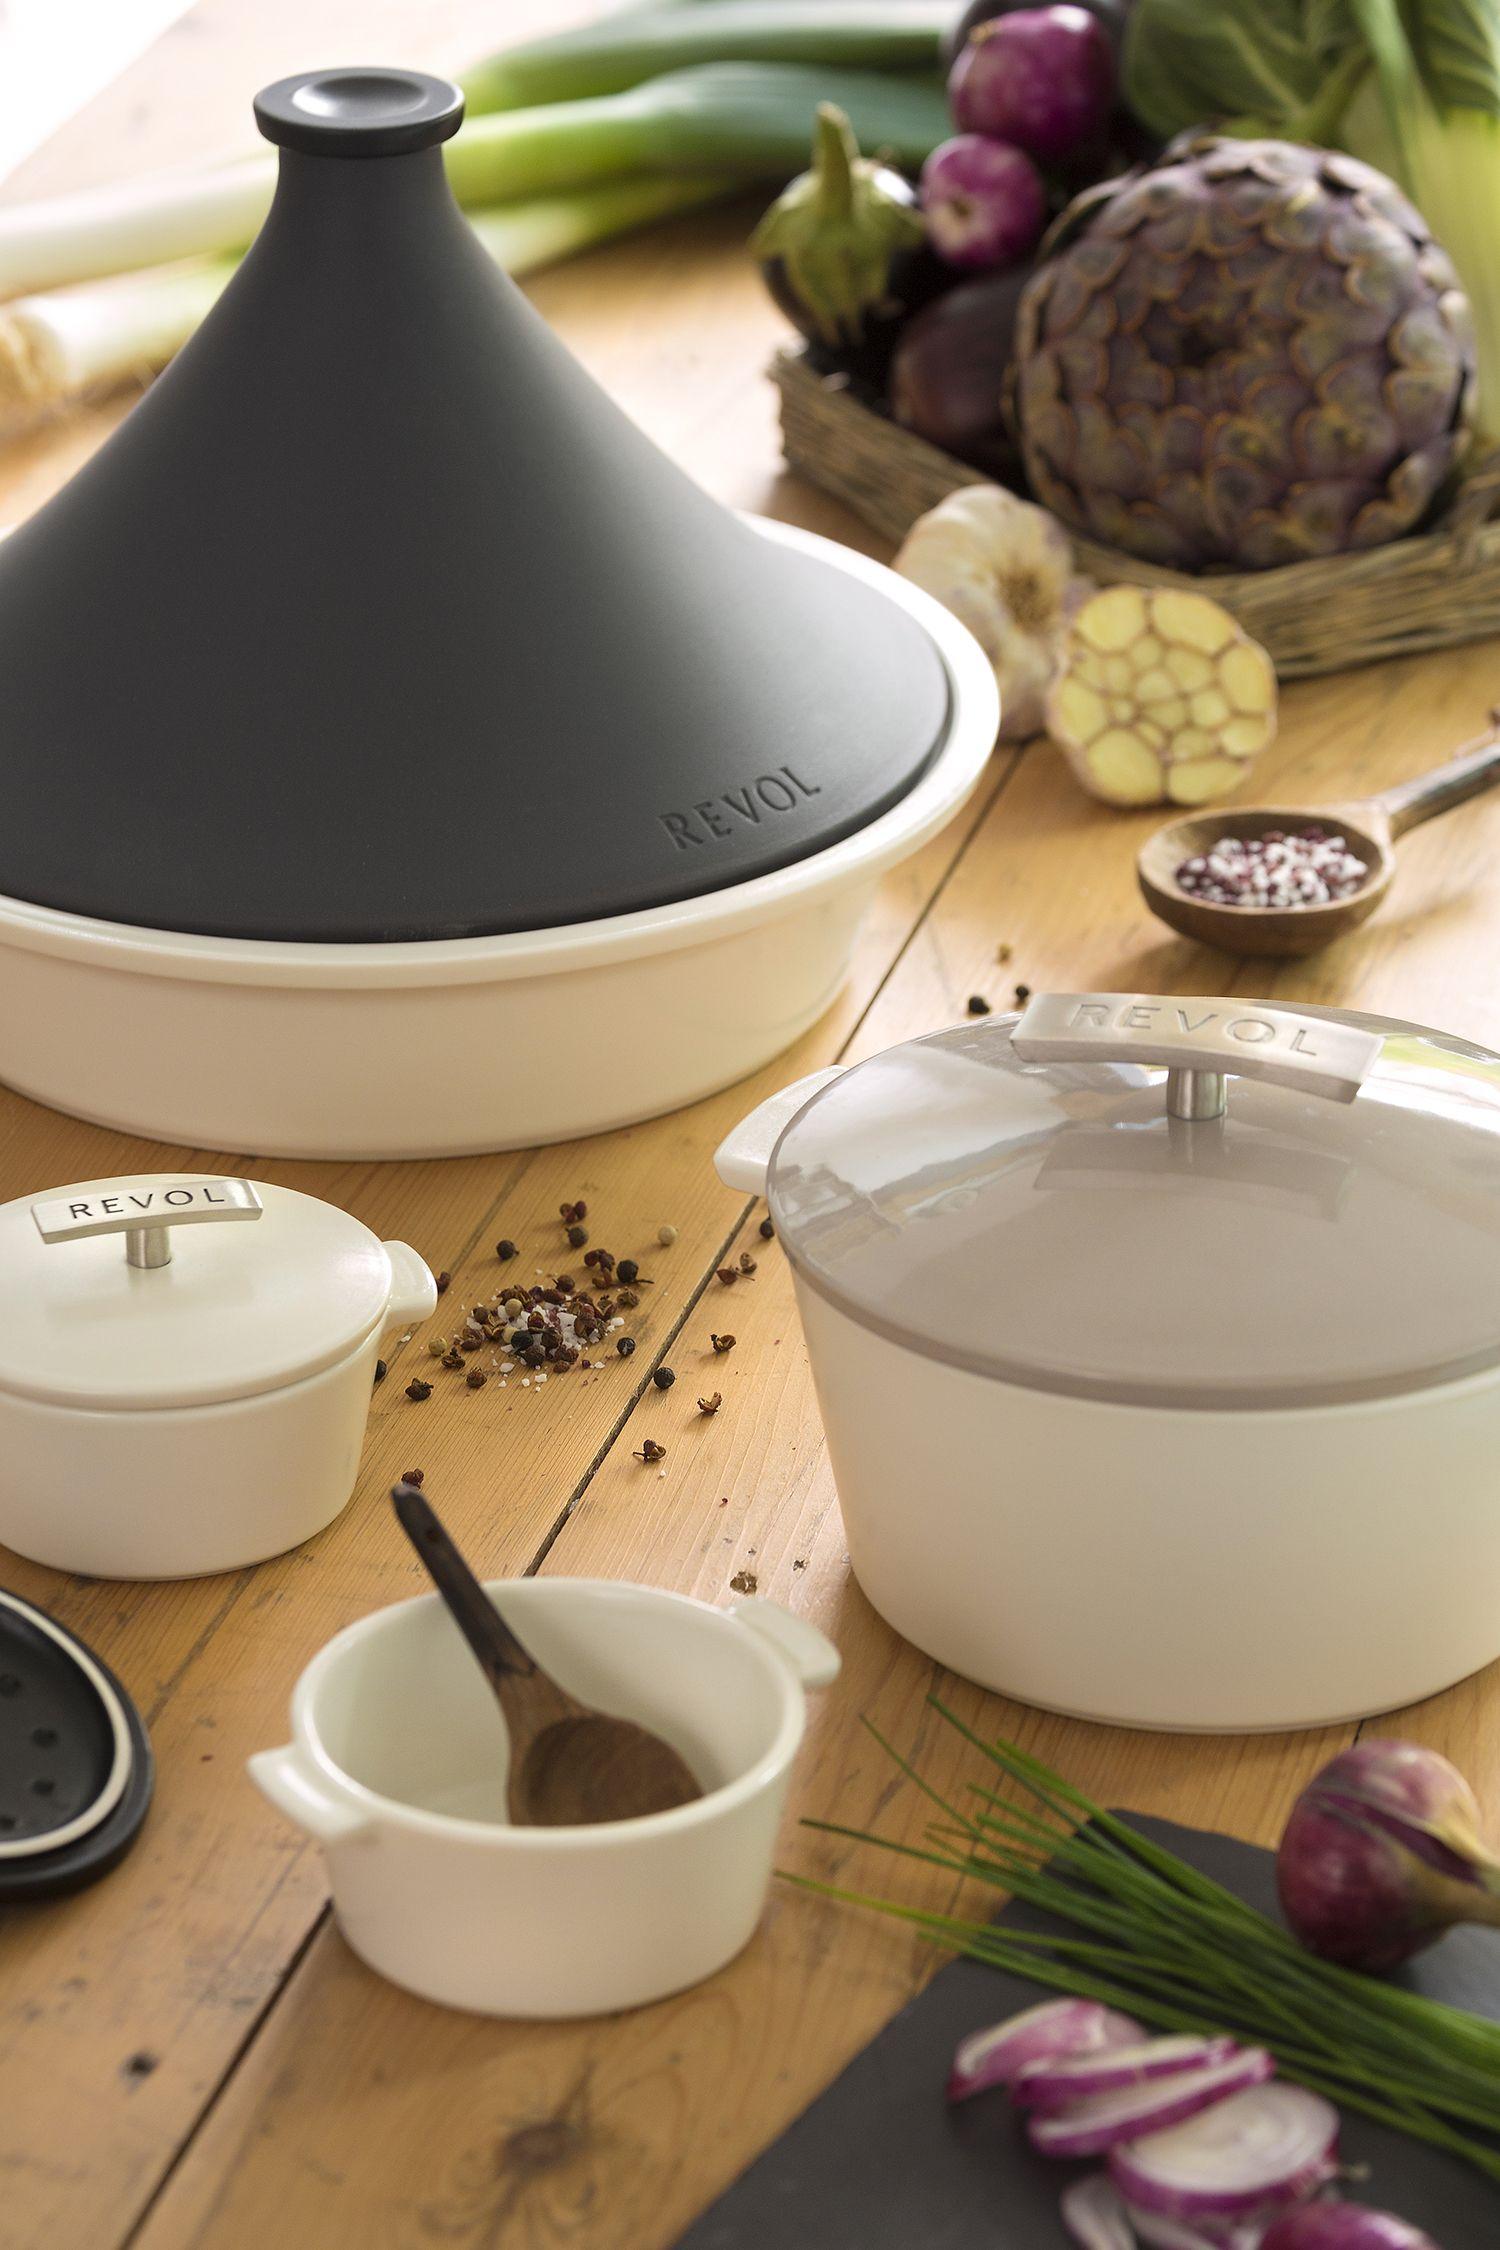 Cocotte Et Tajine Revolution Cocotte En Ceramique Haute Performance Couvercle Colore Realises A La Main En Ceramic Cookware Ceramic Design Ceramic Accessory